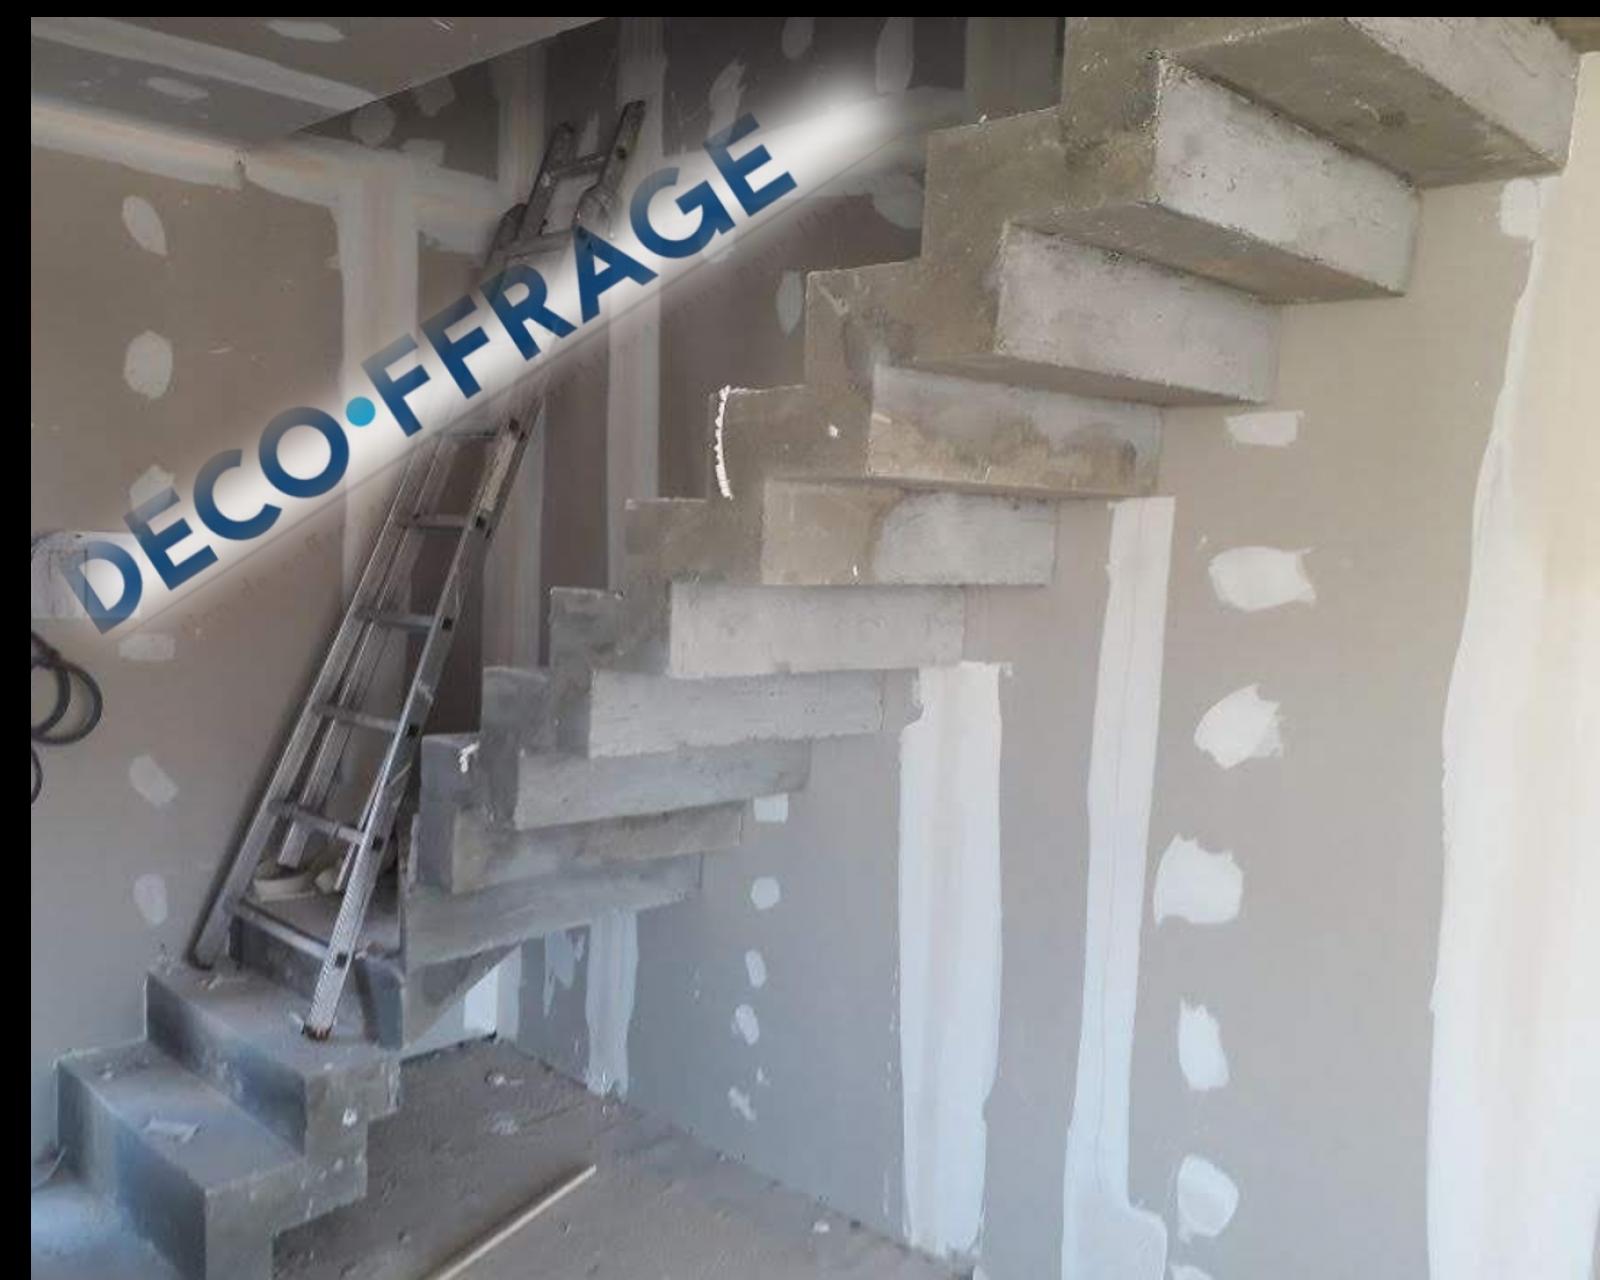 Décoration Marche Escalier Intérieur fabrication d'un coffrage d'escalier béton intérieur pour un